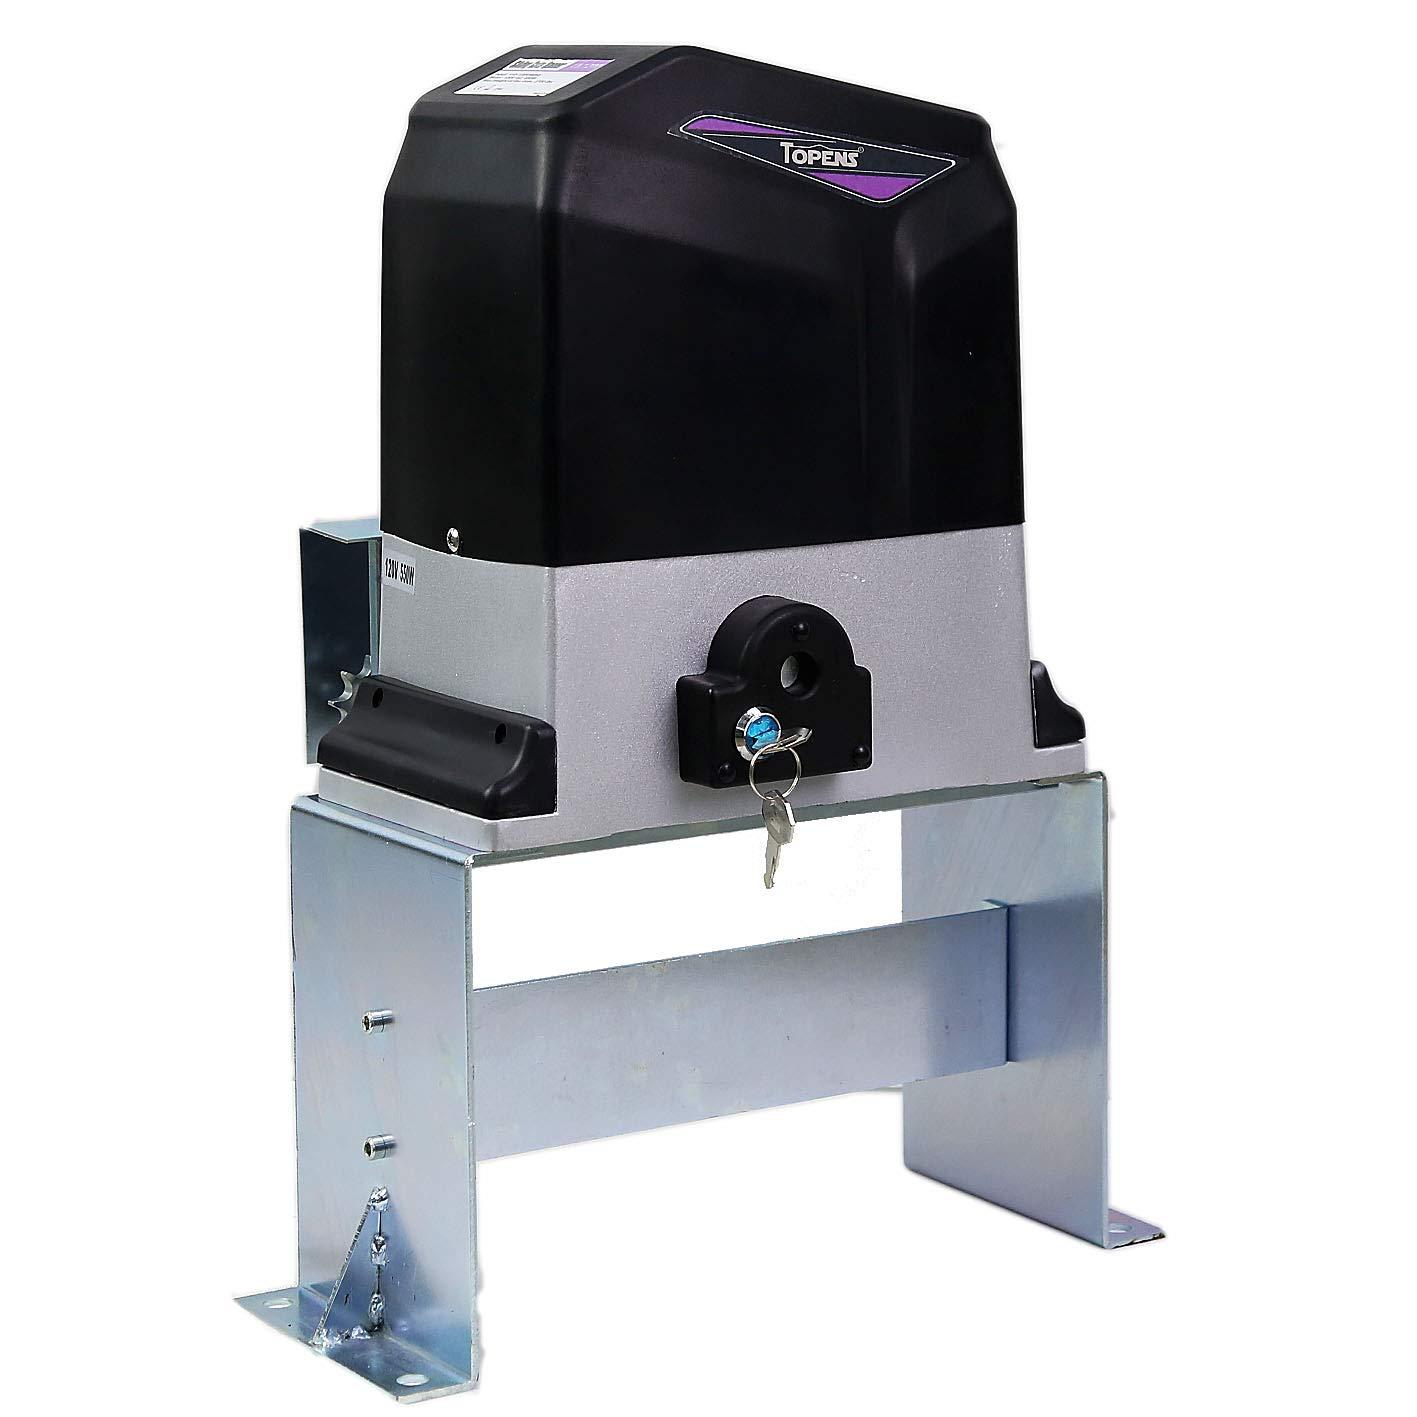 TOPENS CK1200 abridor de puerta corredera de cadena automática con ...